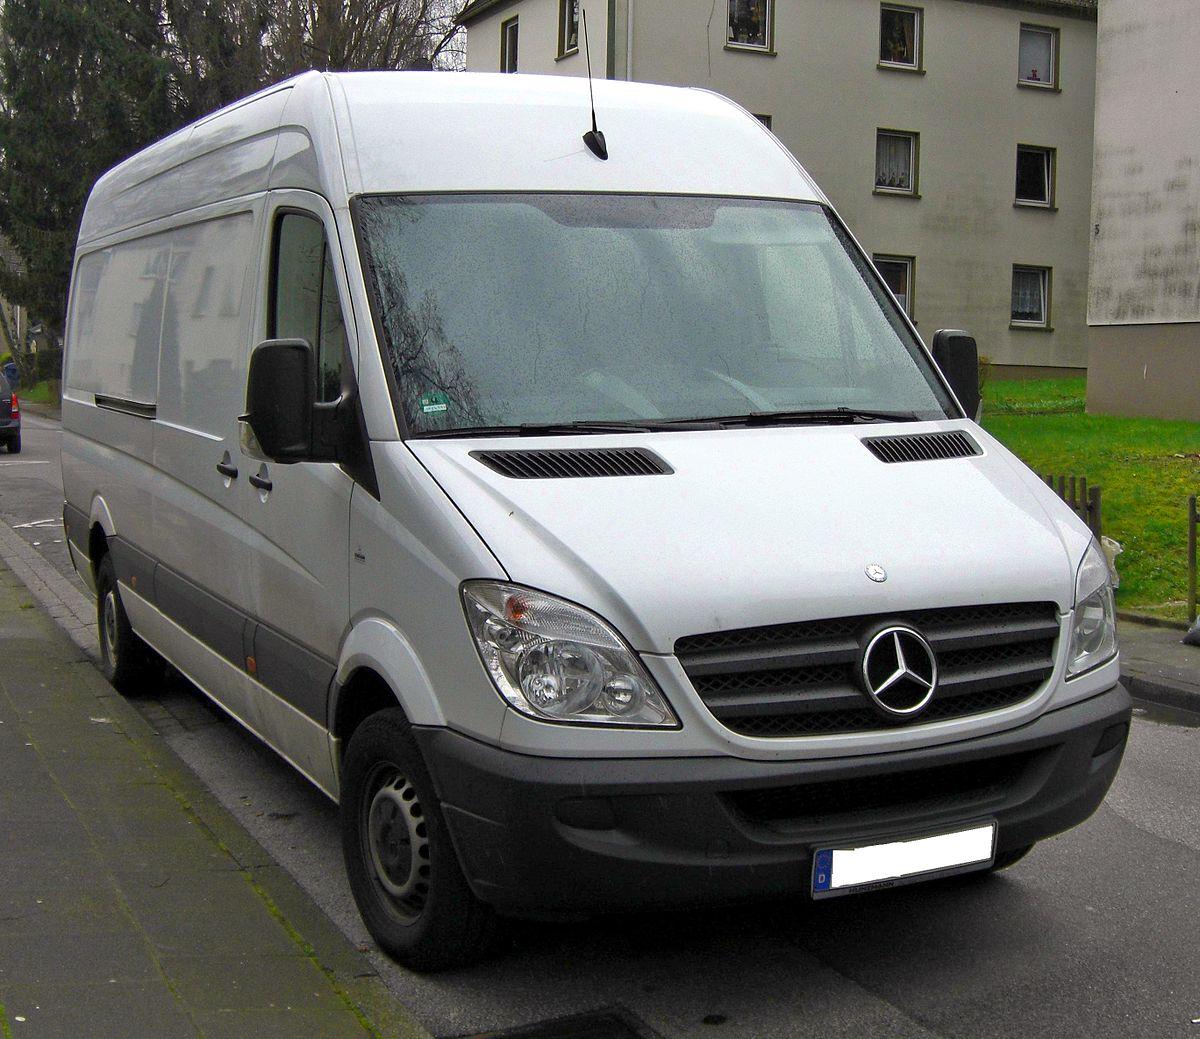 1200px-Mercedes_Sprinter_front